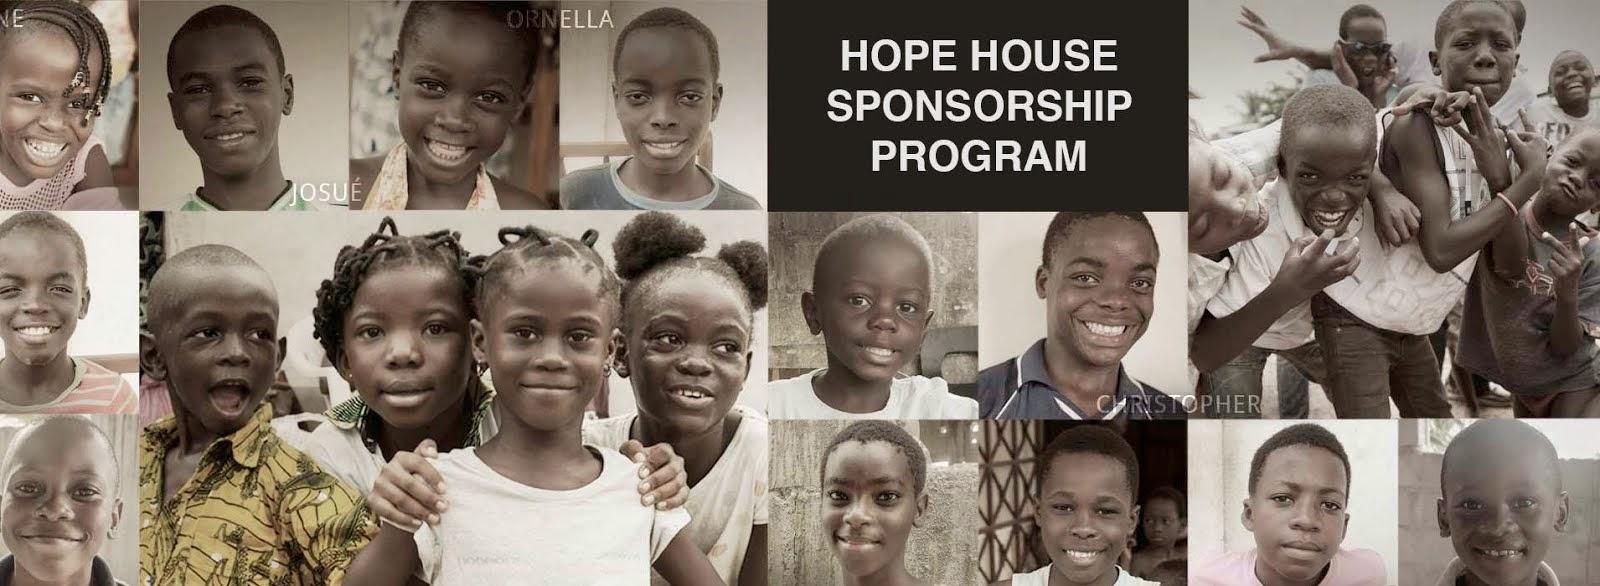 Sponsor Hope House for Abandoned & Orphaned Children today